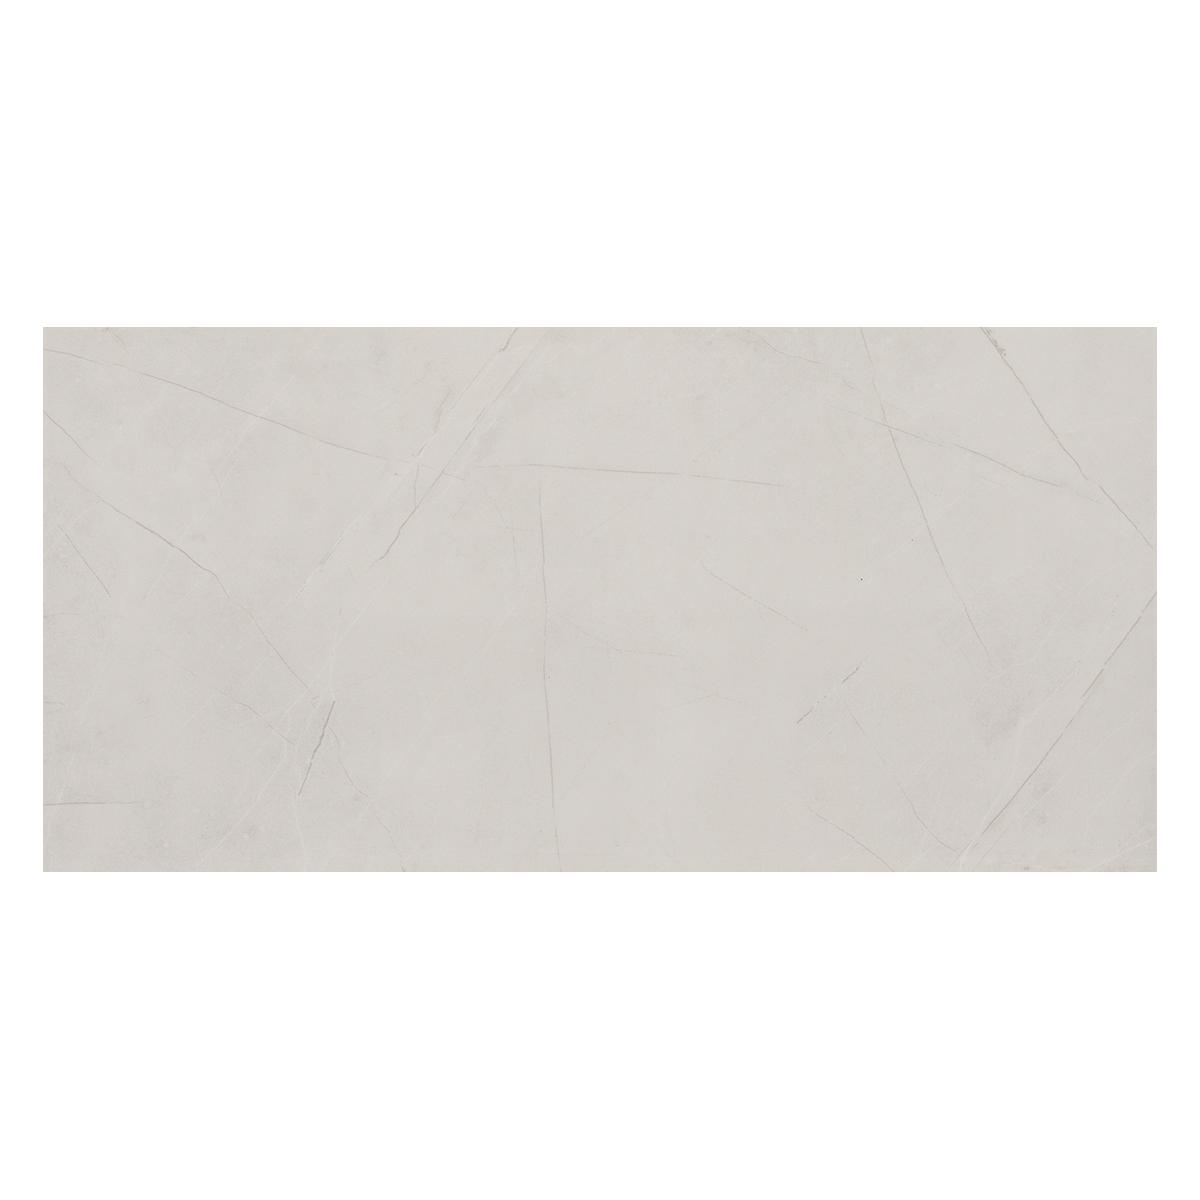 Mayólica Color Blanco Brillante - 30X60 cm - 0.90 m2